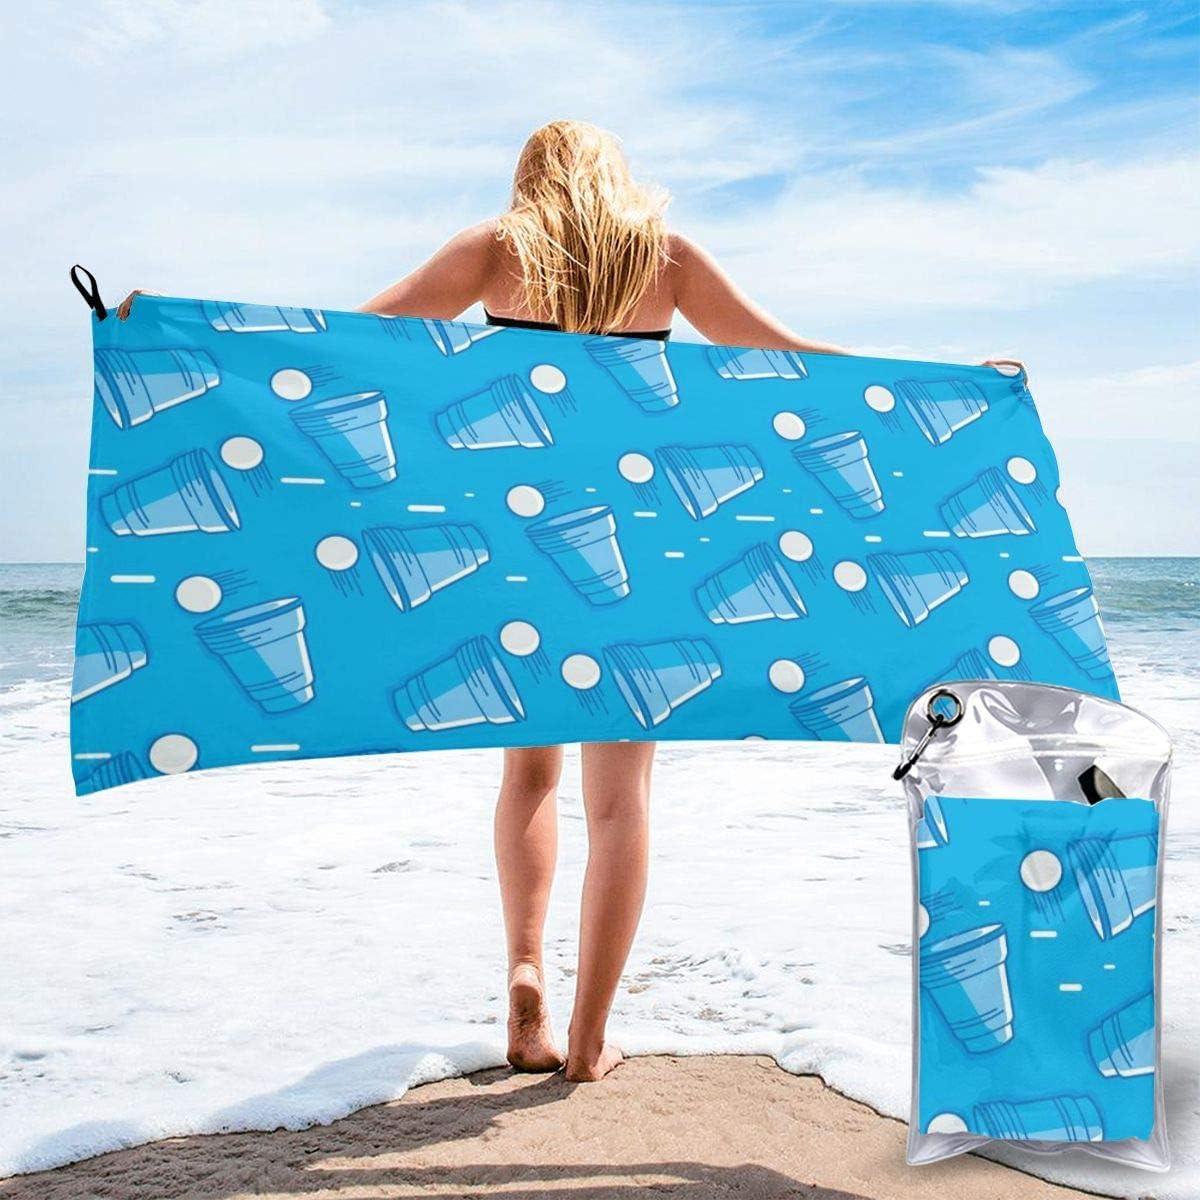 YYRR Toallas de baño de Microfibra de Viaje Grande - Nadadores Toalla súper Absorbente Ligera - Patrón de Vector de Cerveza Ping-Pong Toalla de Playa de Secado rápido para Camping, Senderismo y Uso d